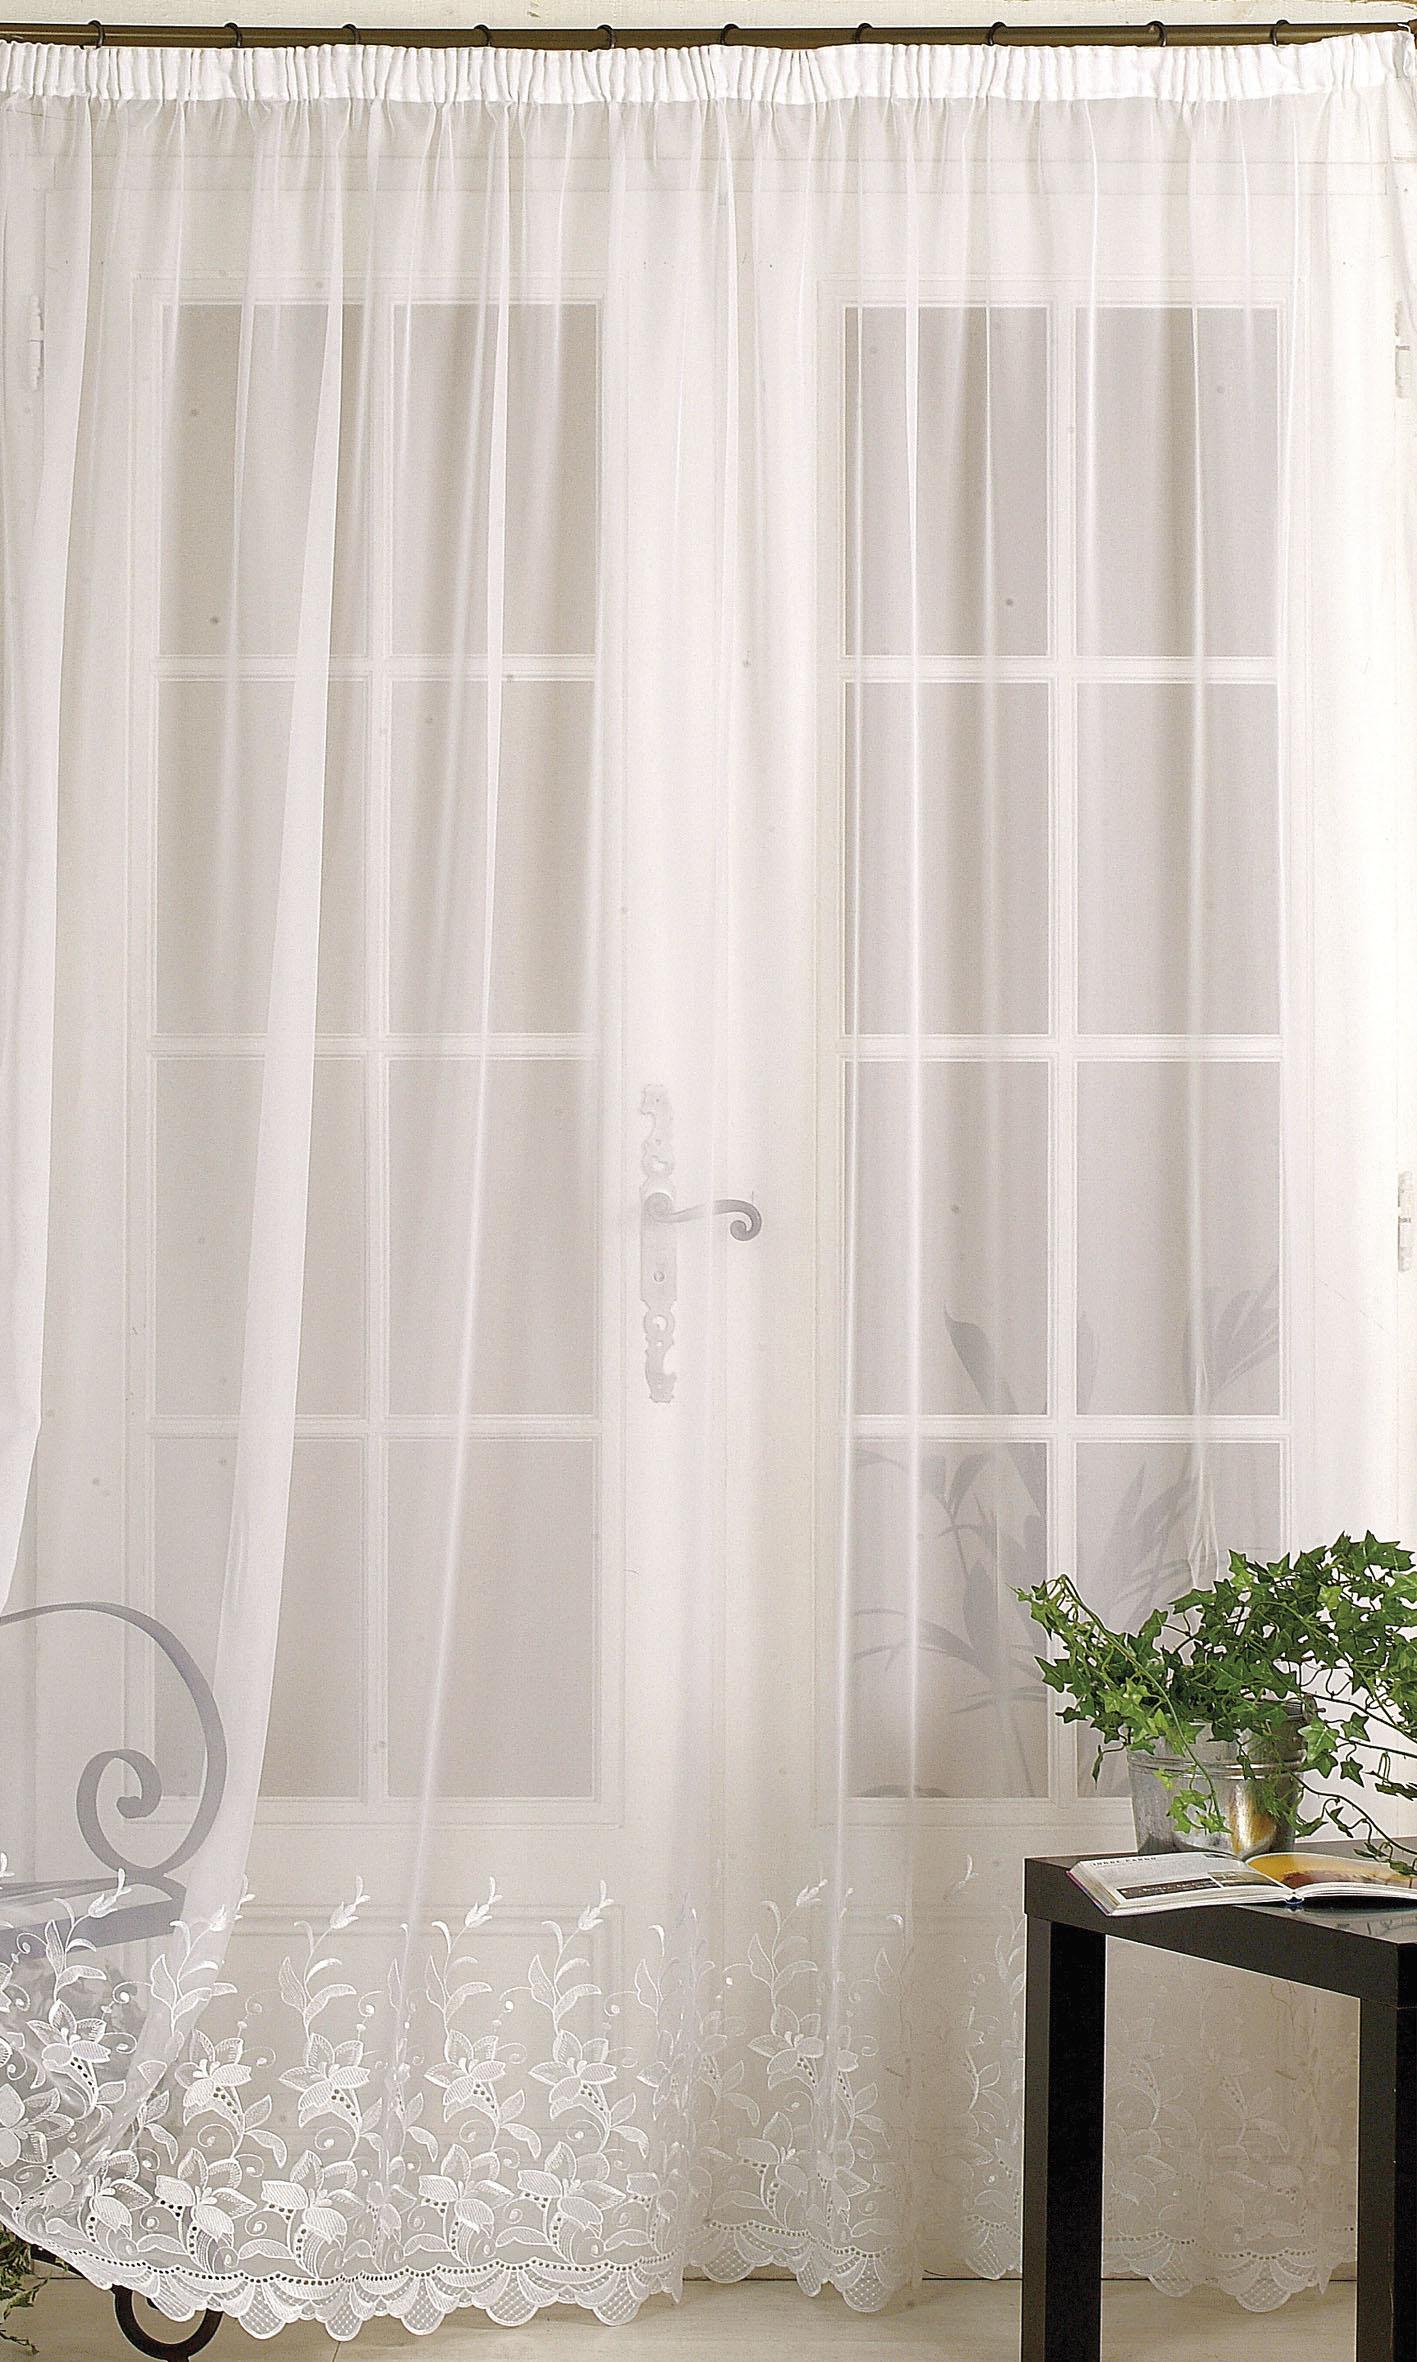 homemaison rideau classique en voile uni ourlet croquet blanc. Black Bedroom Furniture Sets. Home Design Ideas